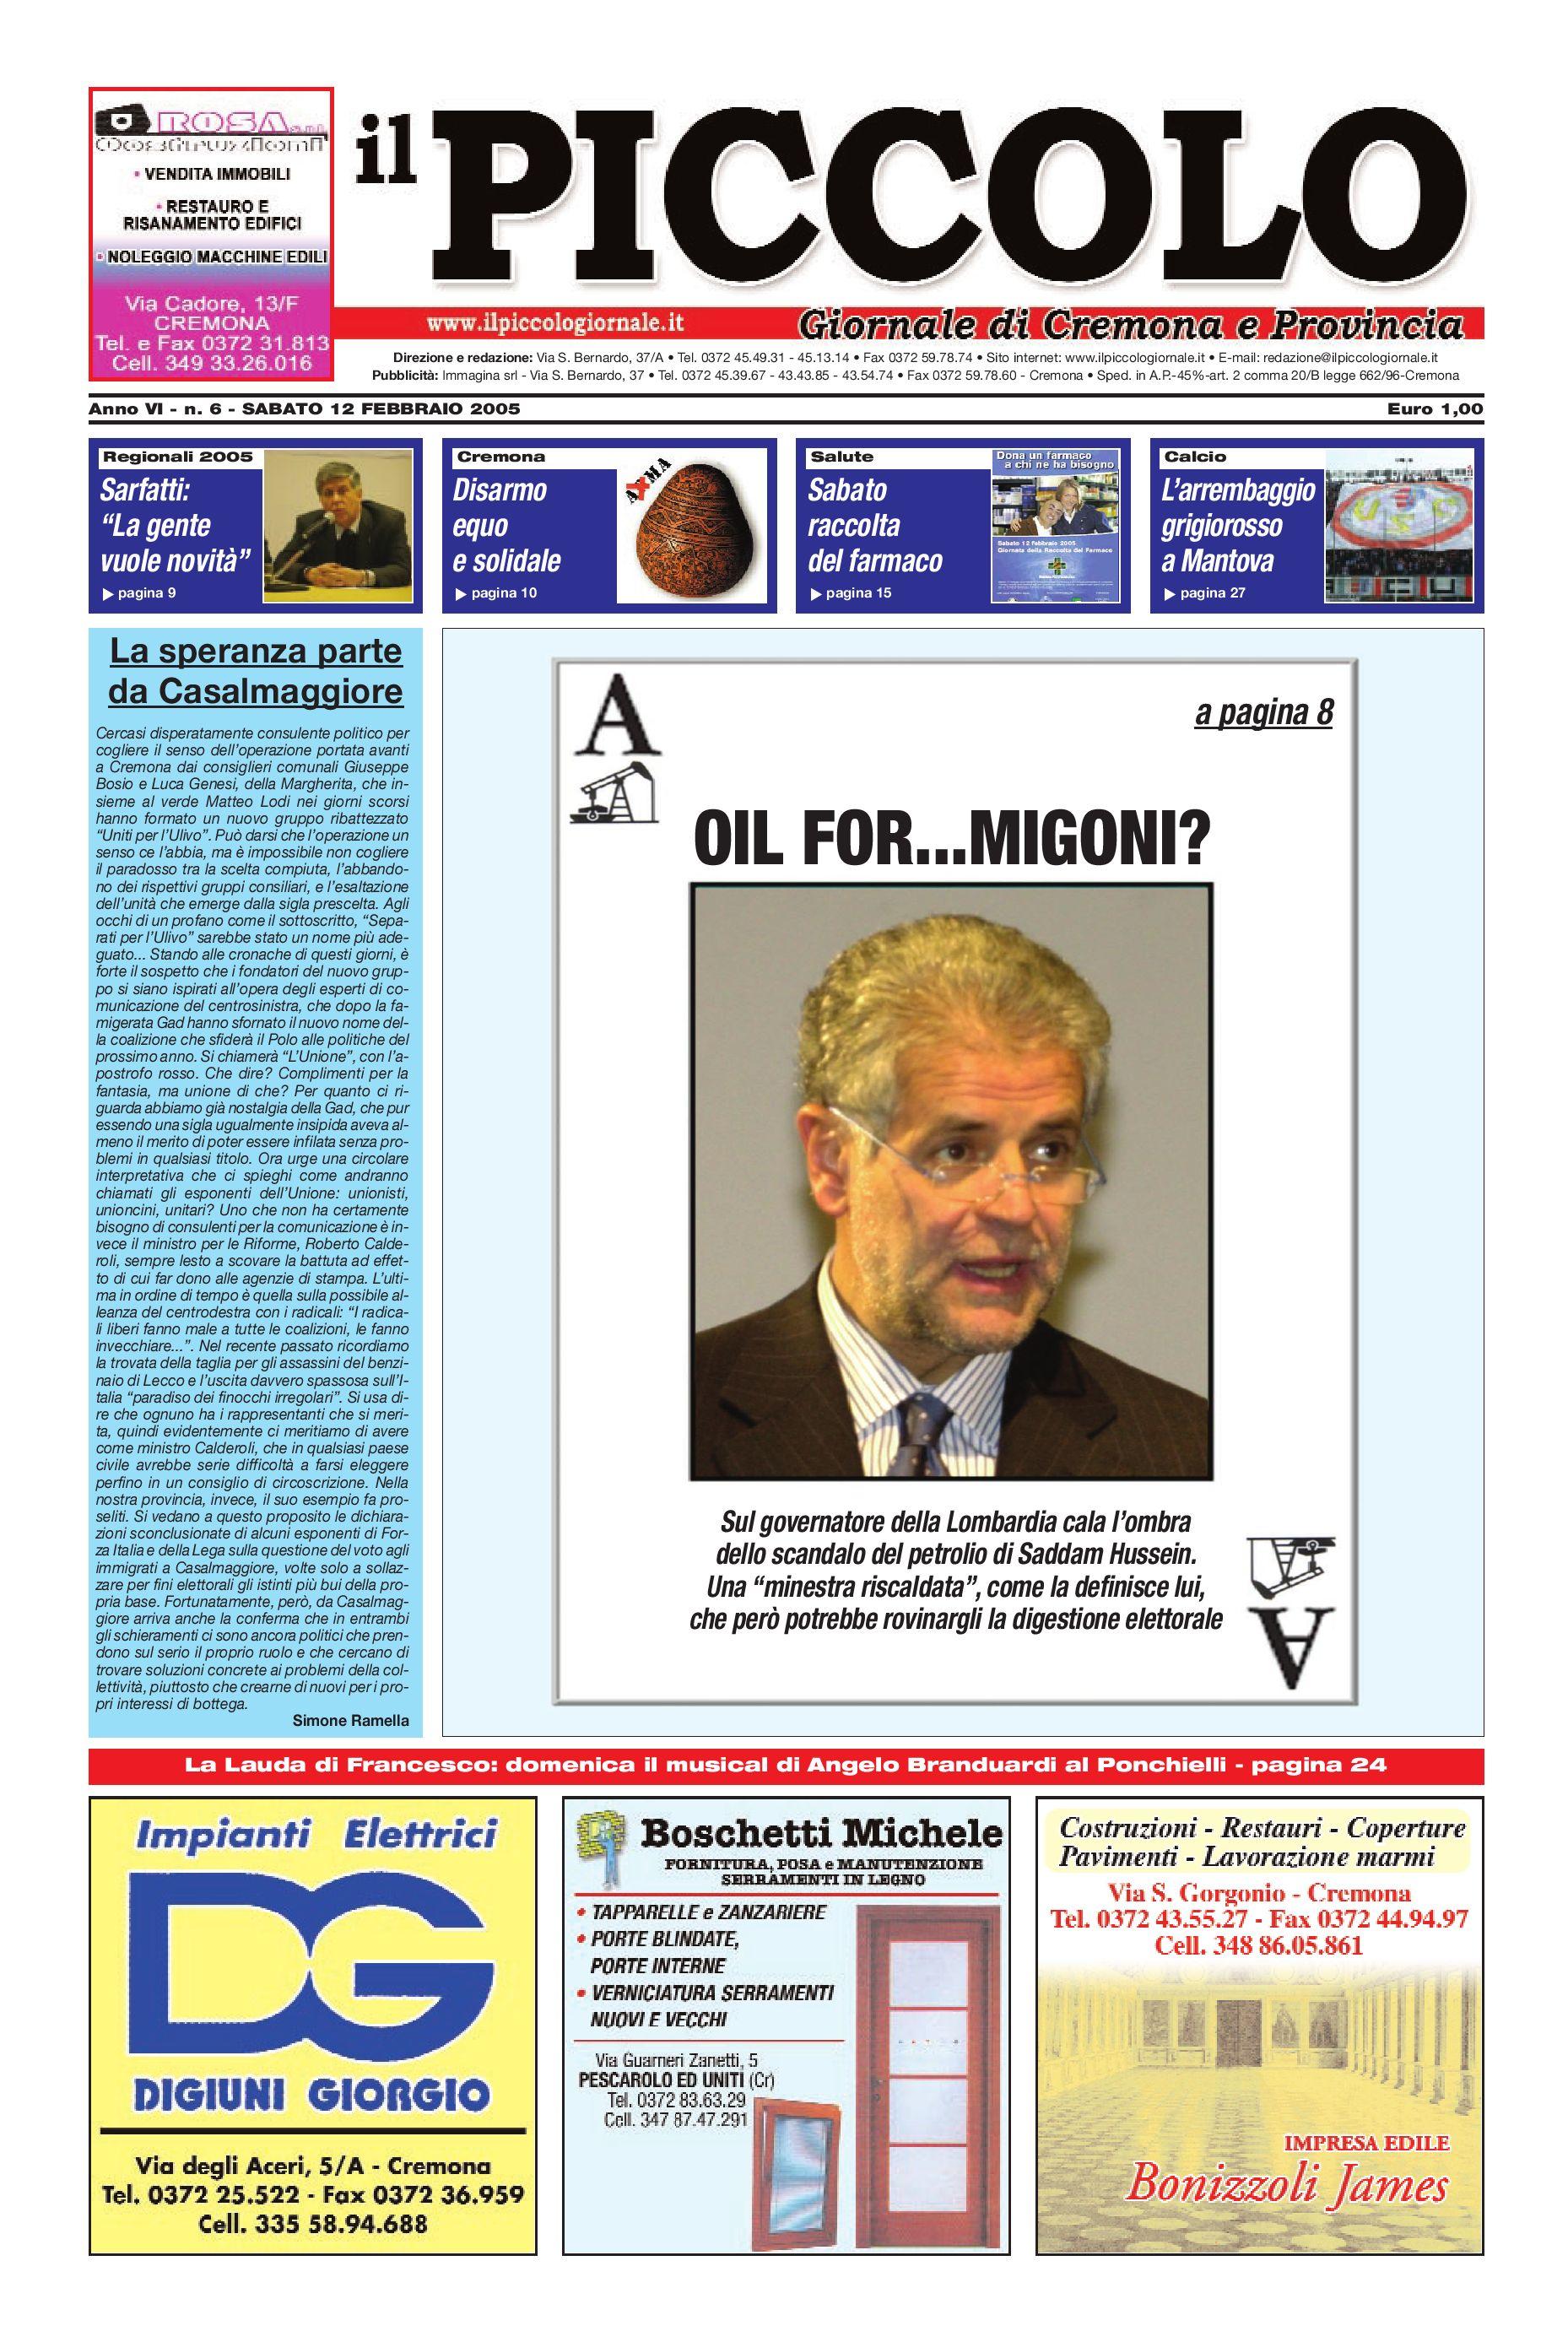 Il Piccolo Giornale [12 febbraio 2005] by Simone Ramella issuu